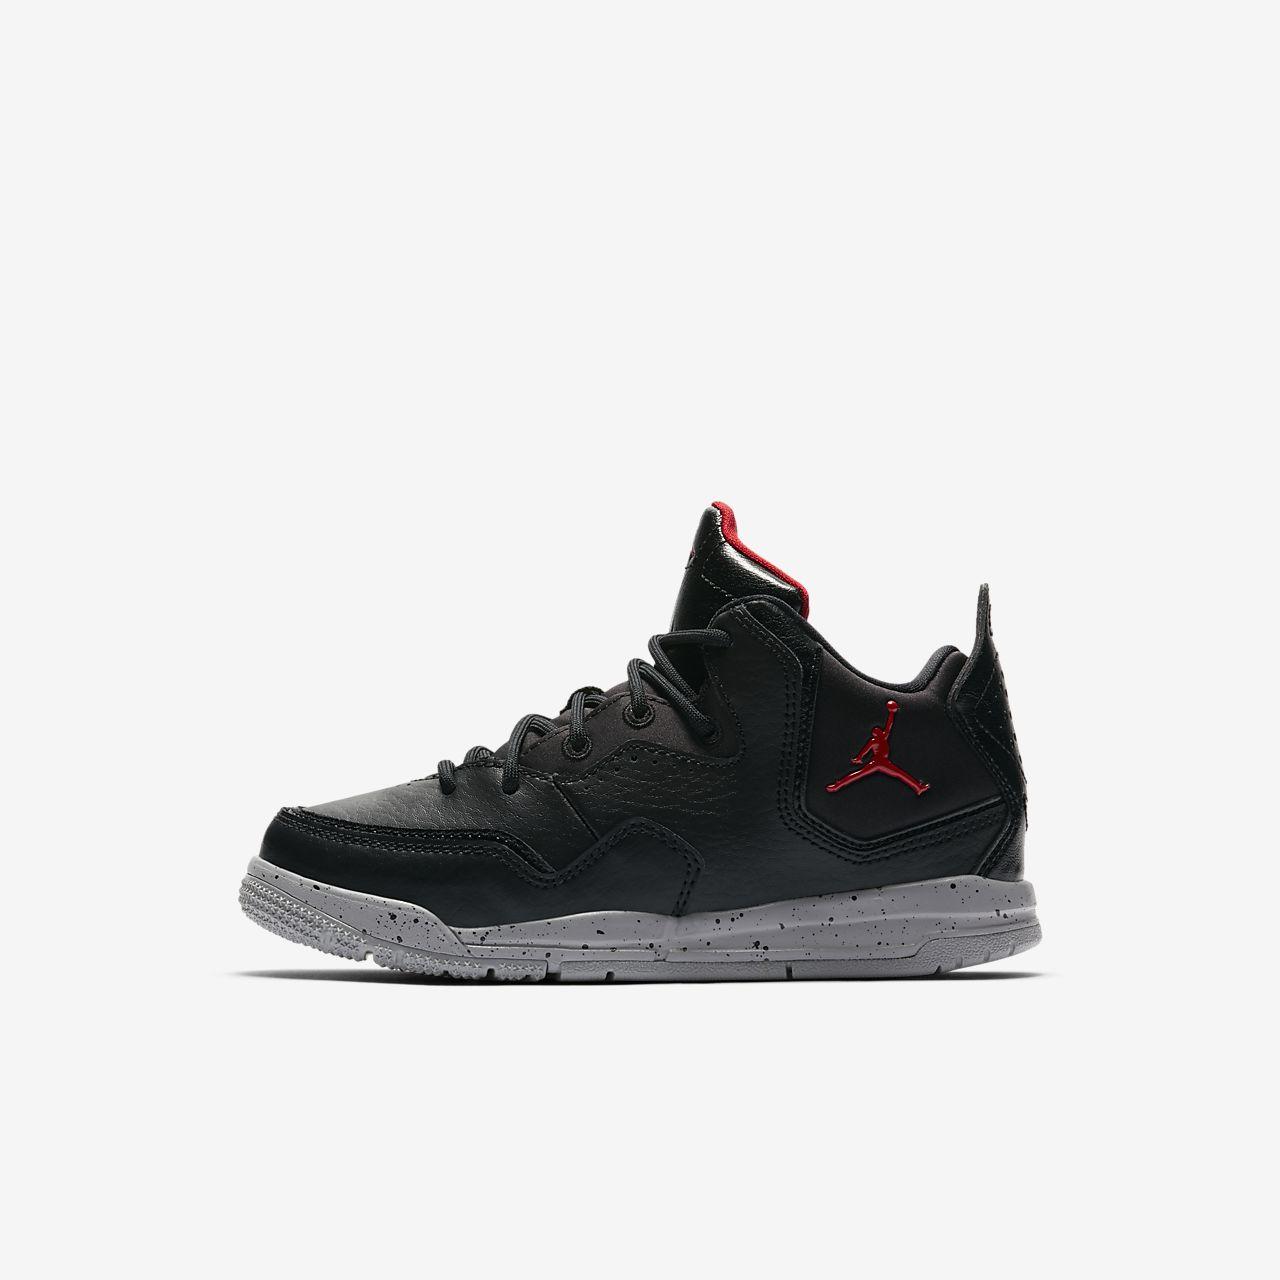 a52c7f4dd12 Sapatilhas Jordan Courtside 23 para criança. Nike.com PT